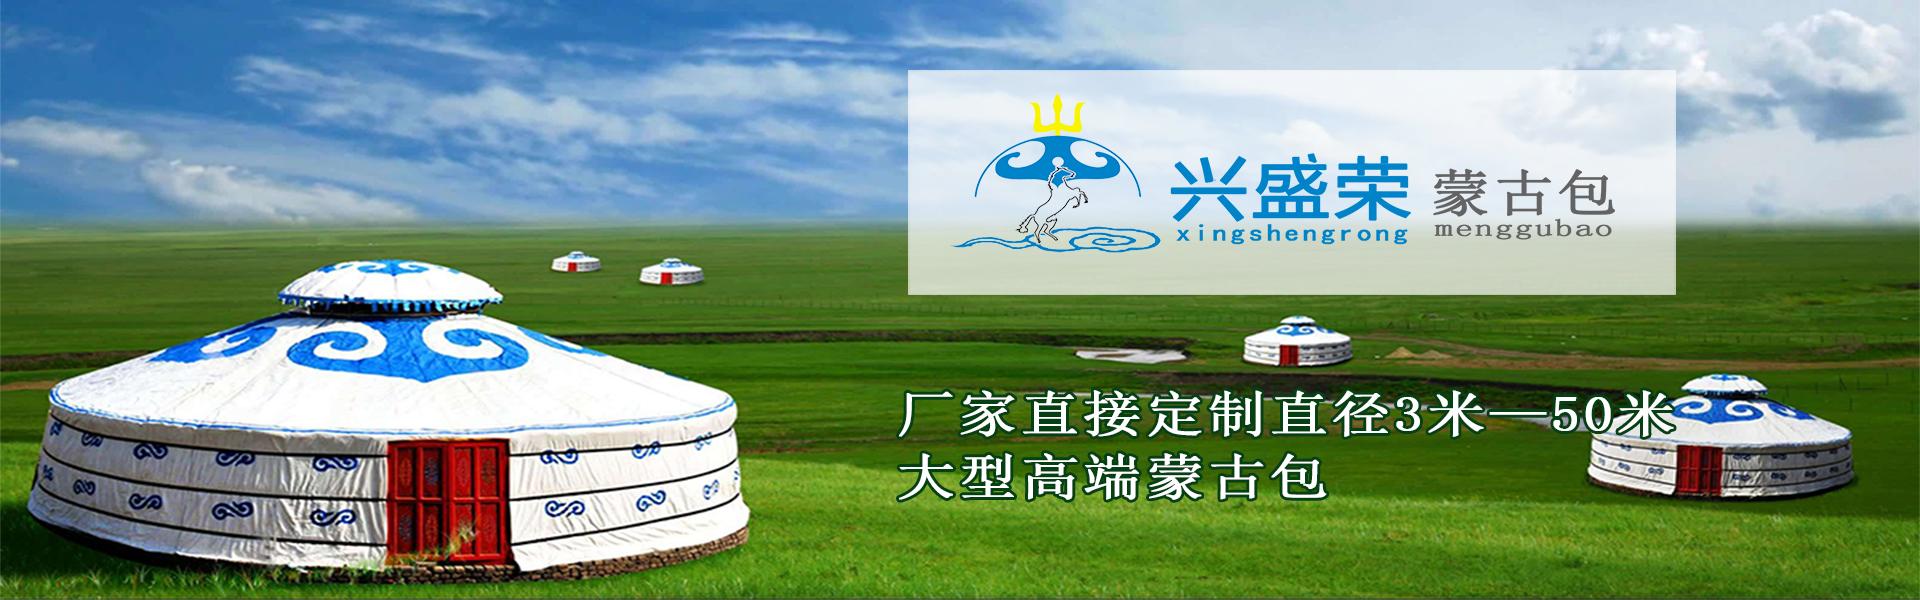 盛荣蒙古包